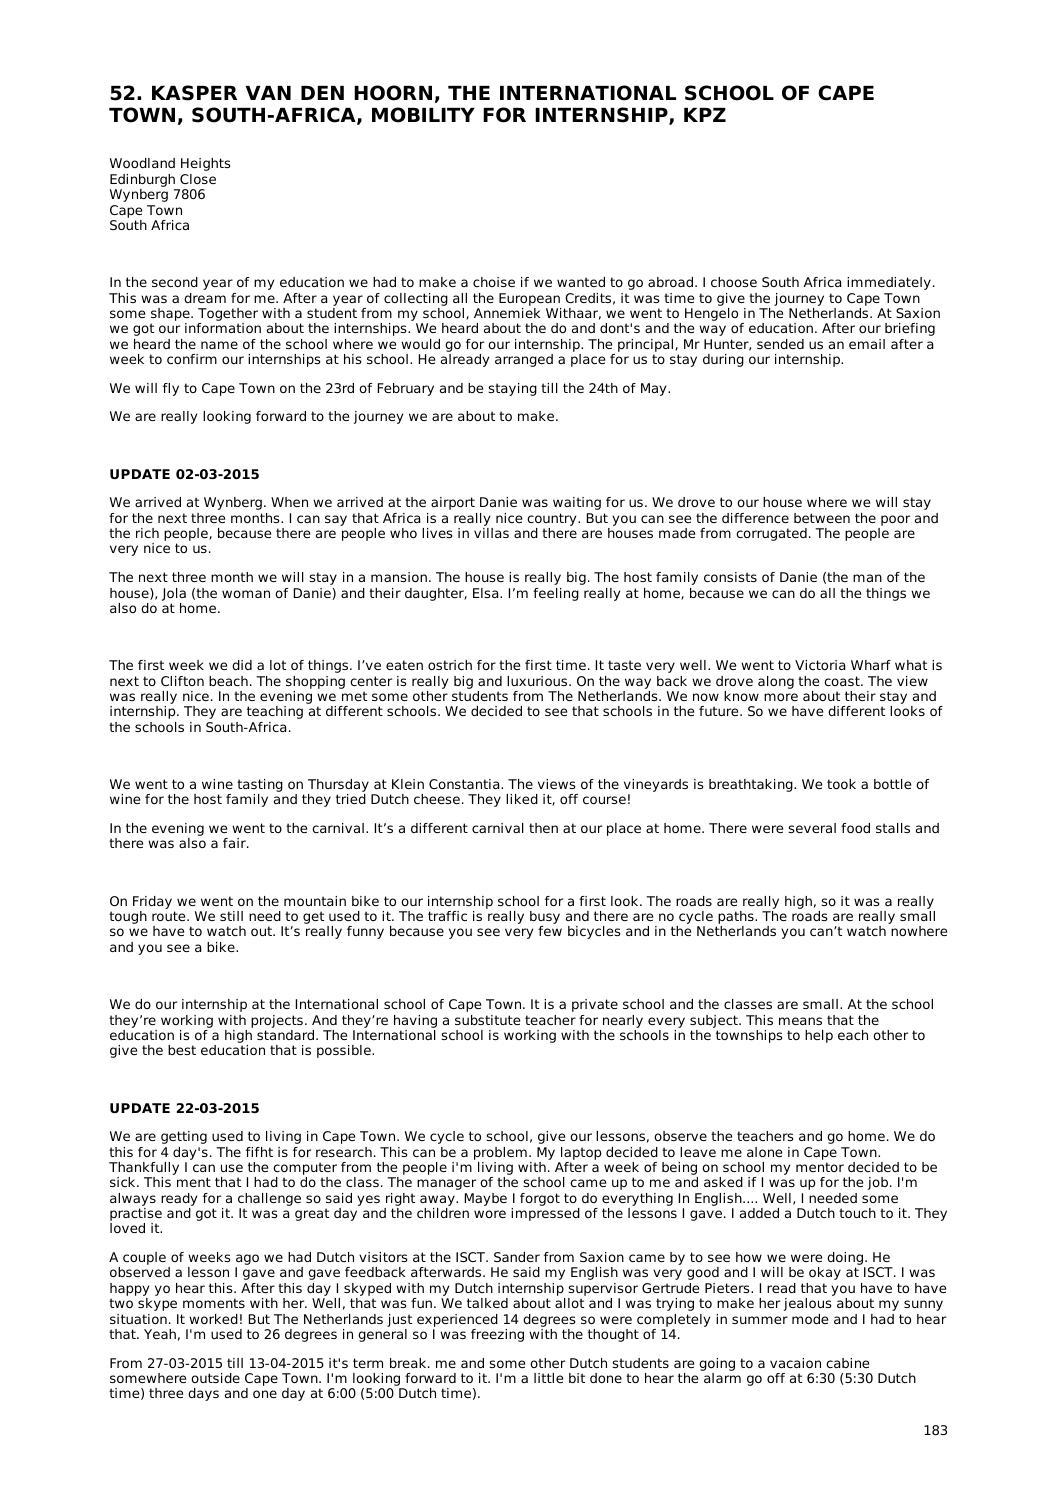 Erasmus+ Journal Issue 3 by Heiko Vogl - issuu